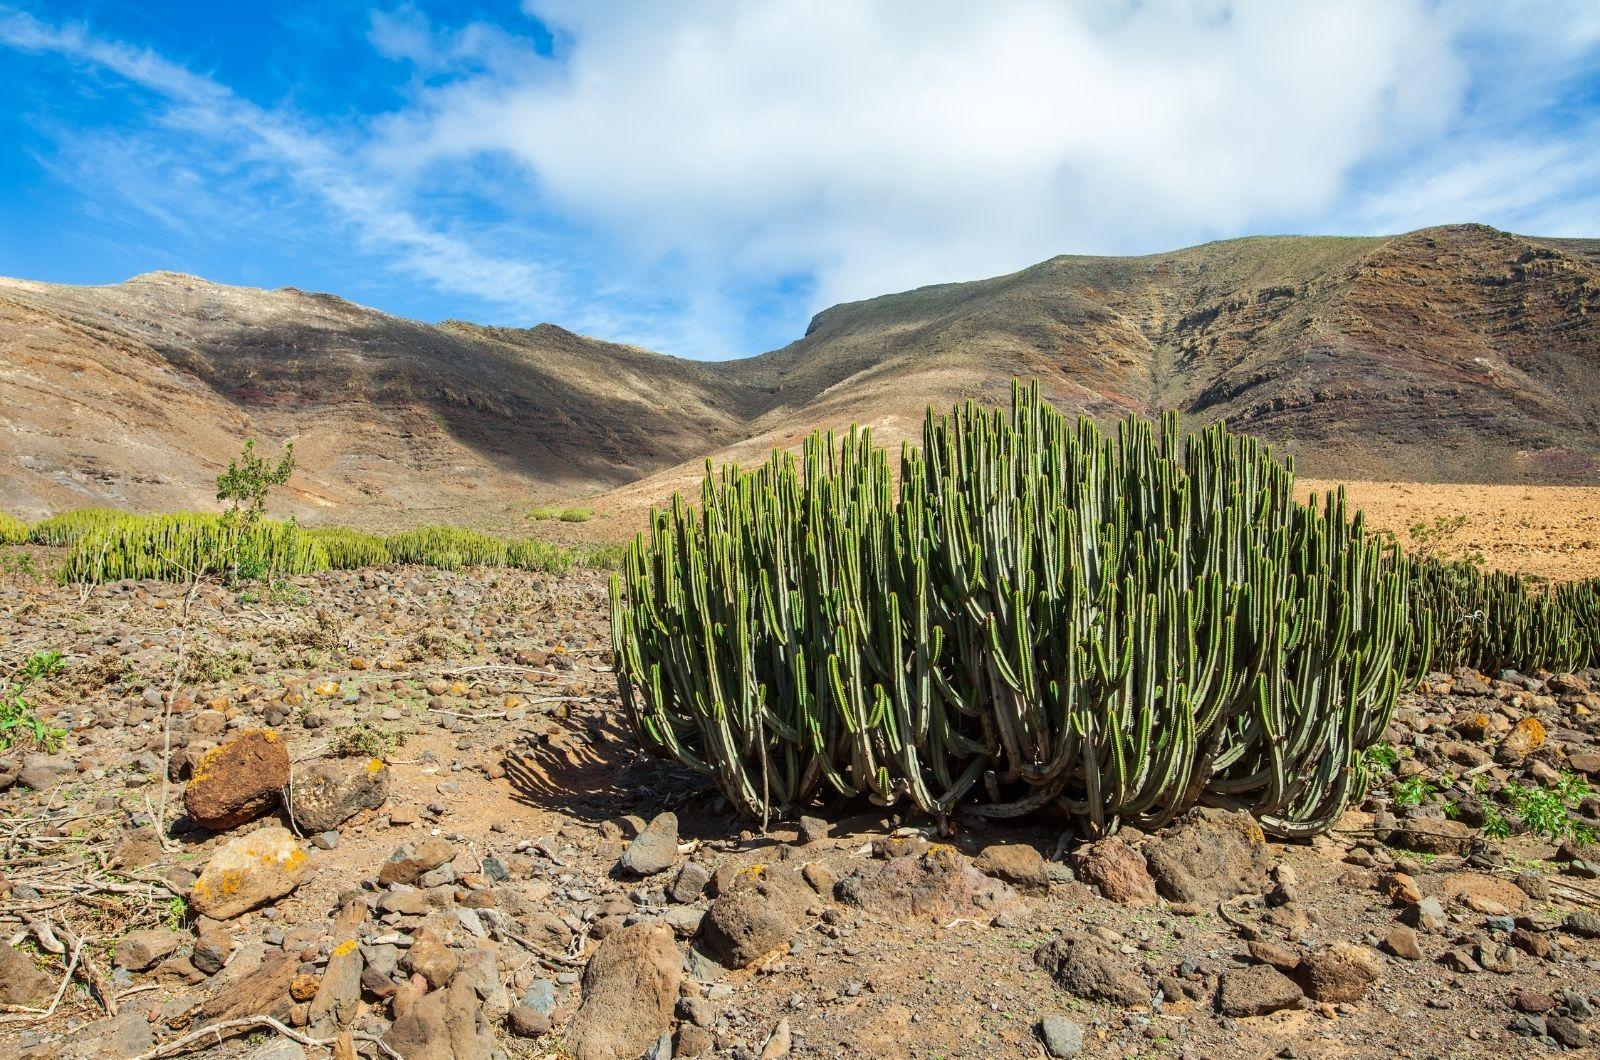 Kaktusy na Kanárských ostrovech